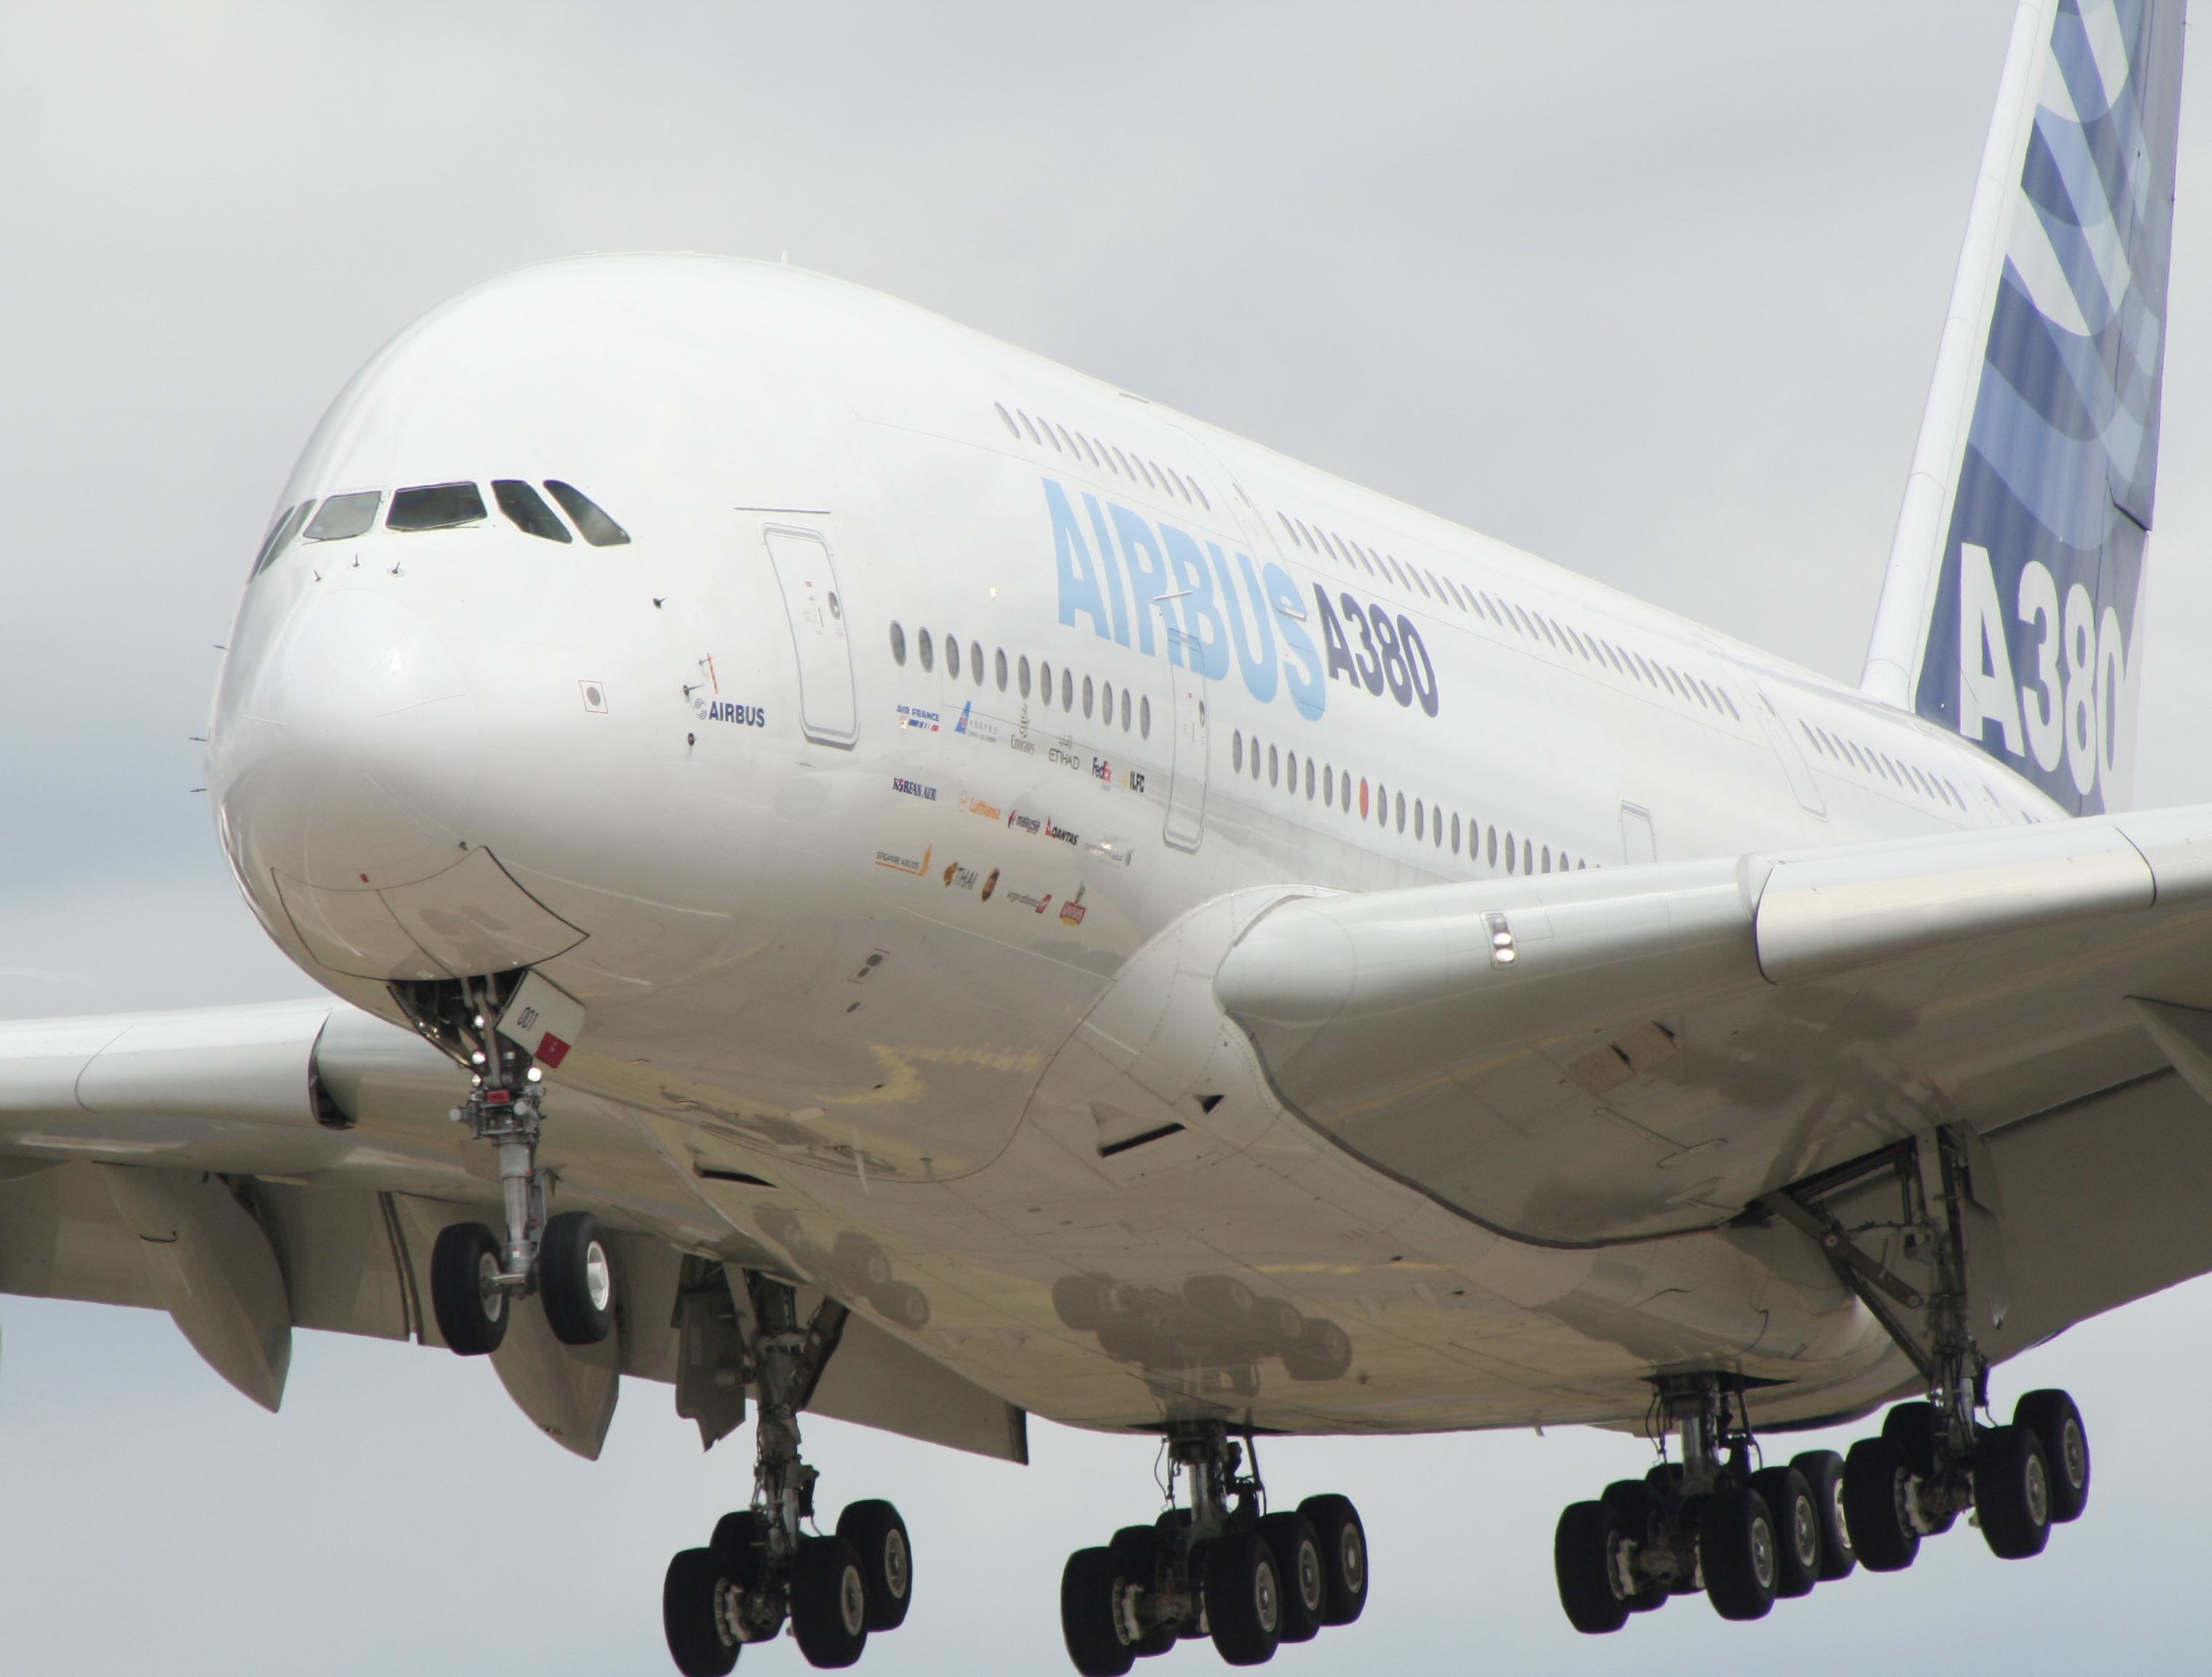 Air Show 2006 A380